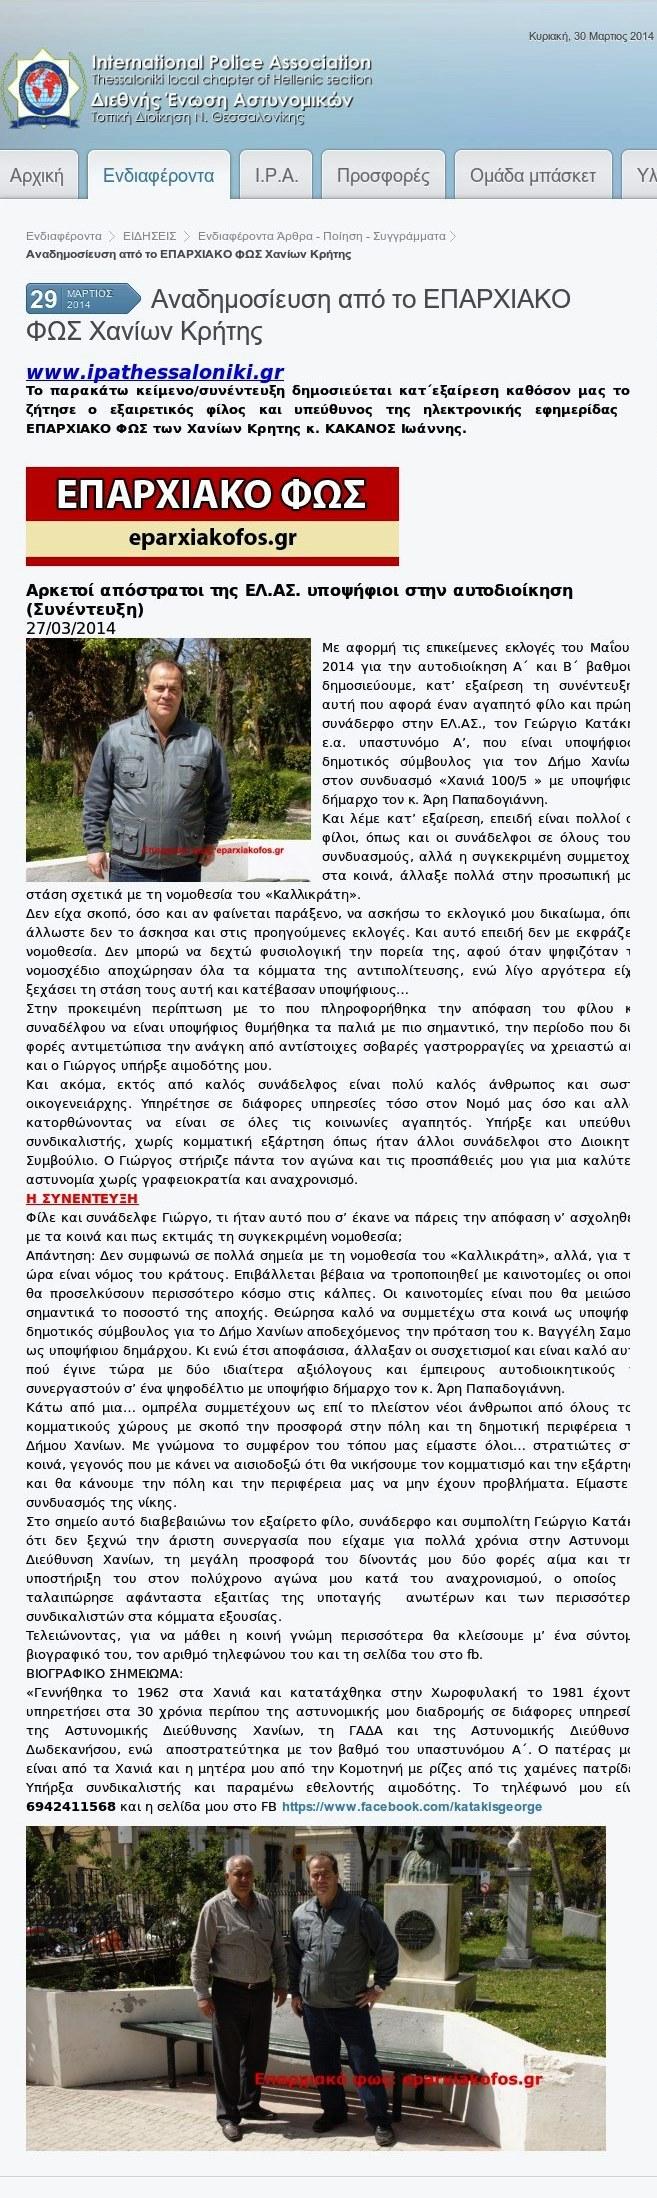 www_ipathessaloniki_gr_index_php_2012_03_13_1_1396175418